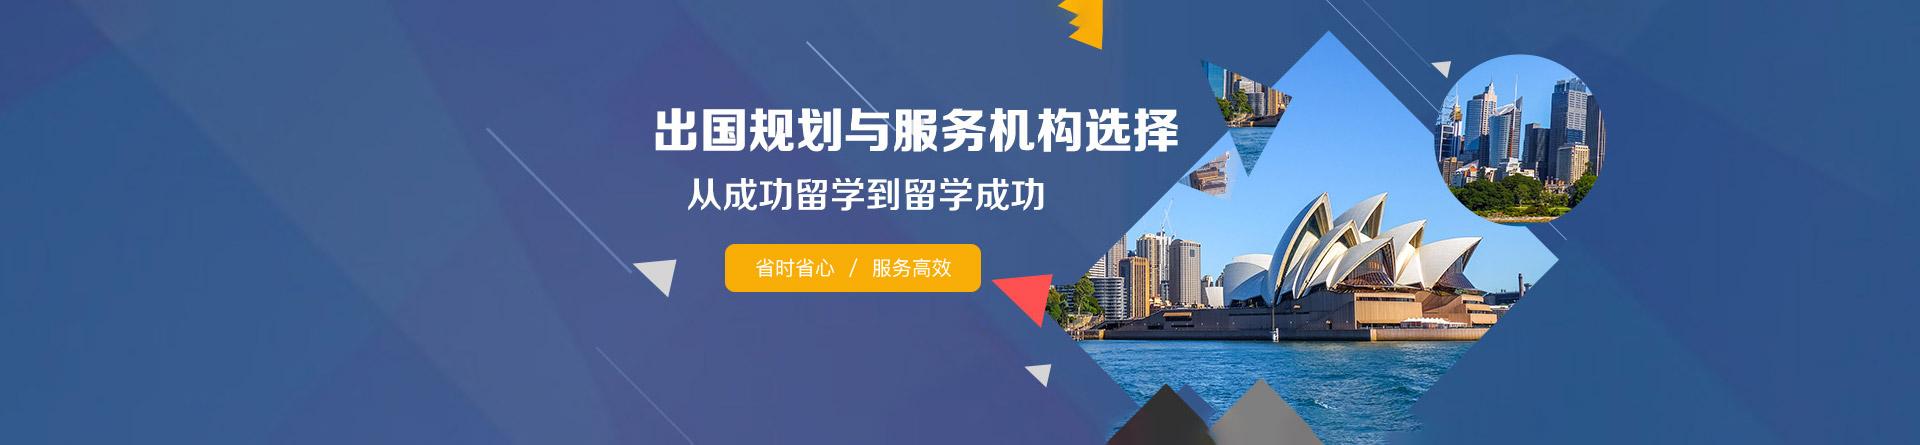 河南许昌飞洋留学机构